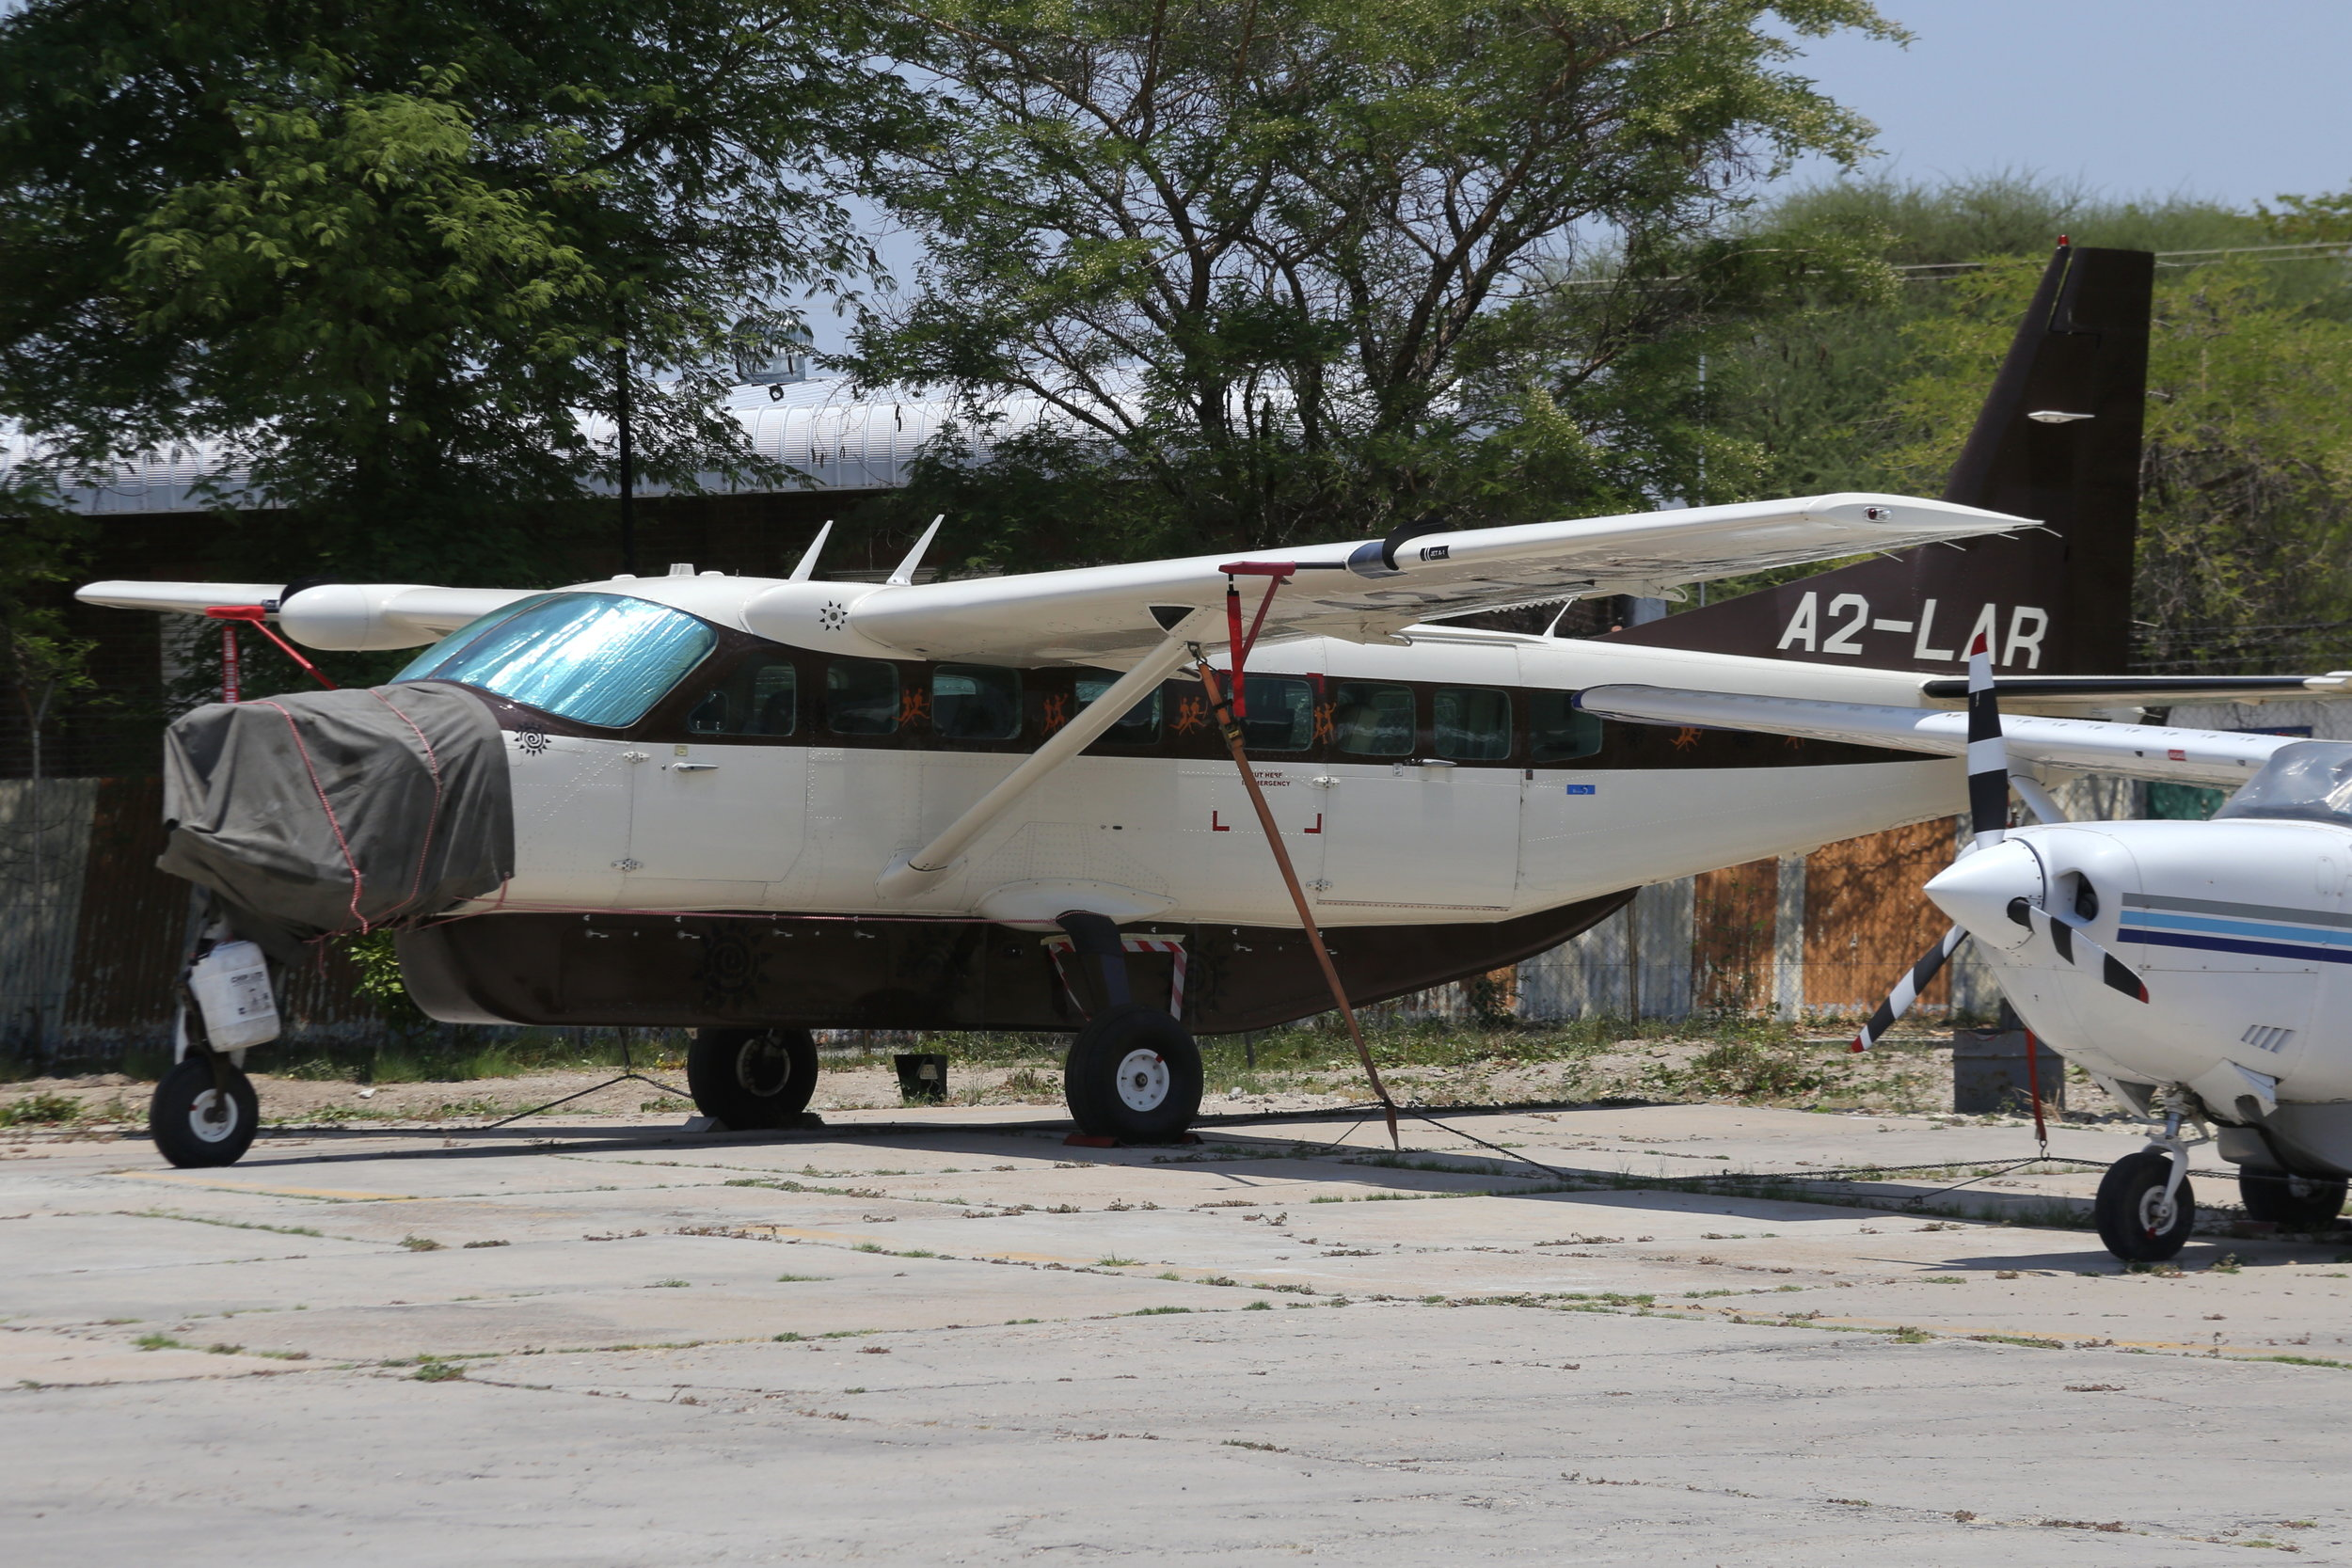 A2-LAR Prijet C208 taken at Maun, Botswana 15th November 2018 by John Wood